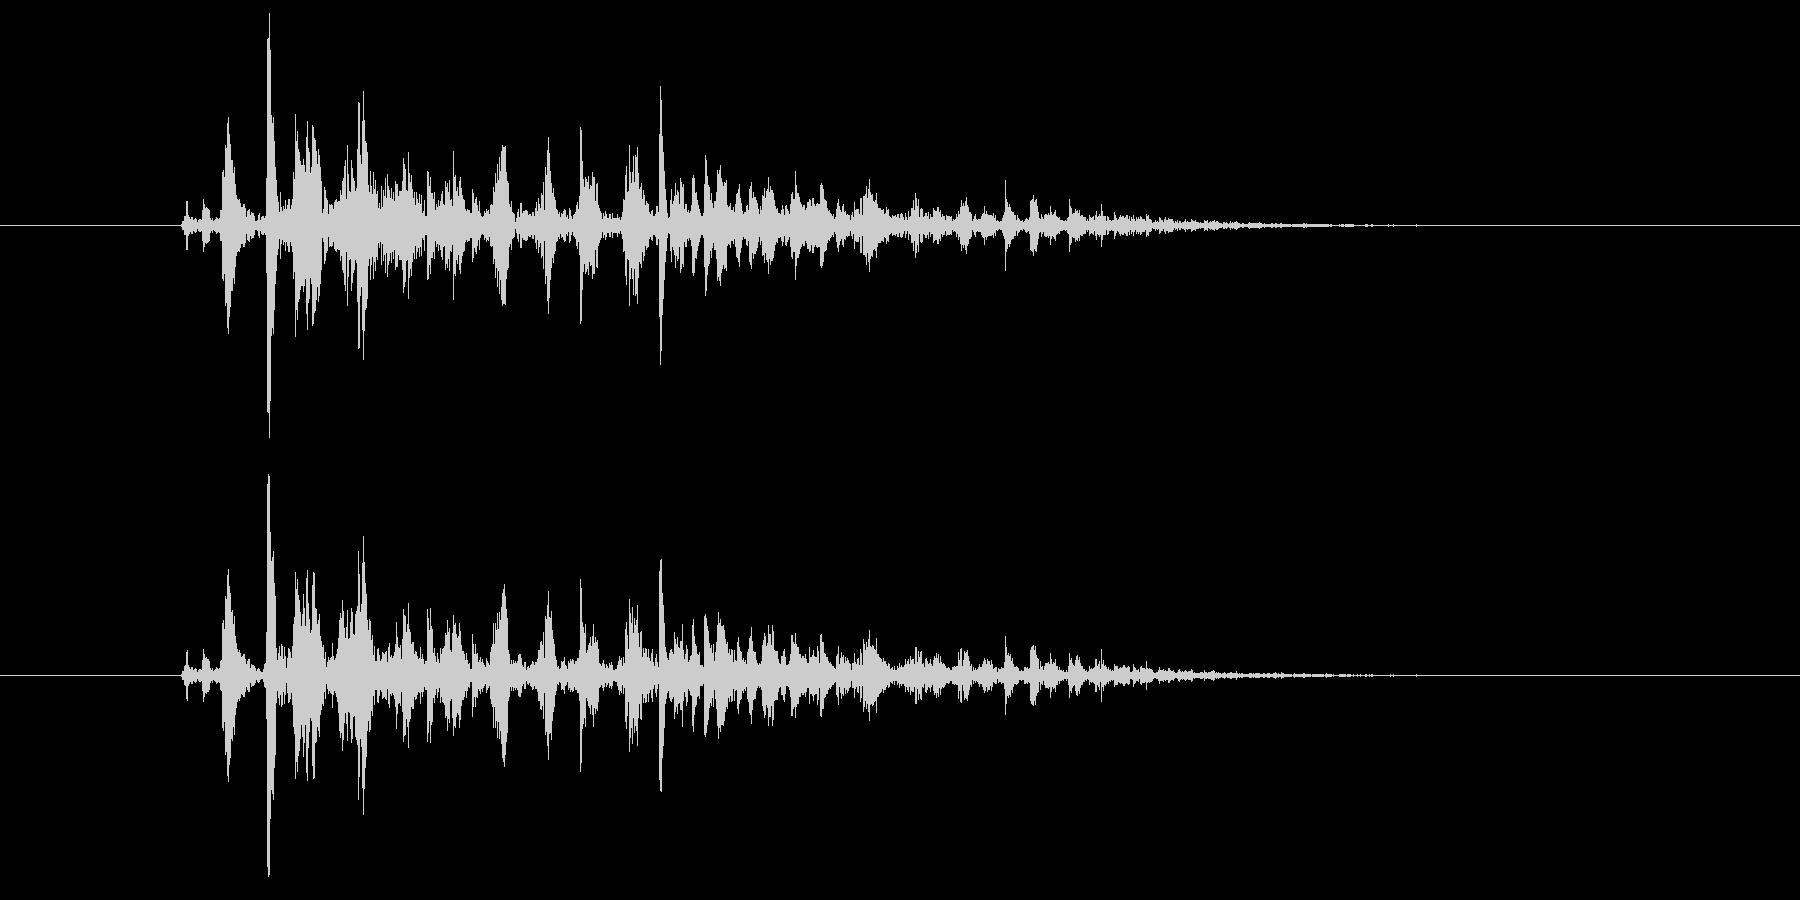 ブクブク(泡のような音) 02の未再生の波形